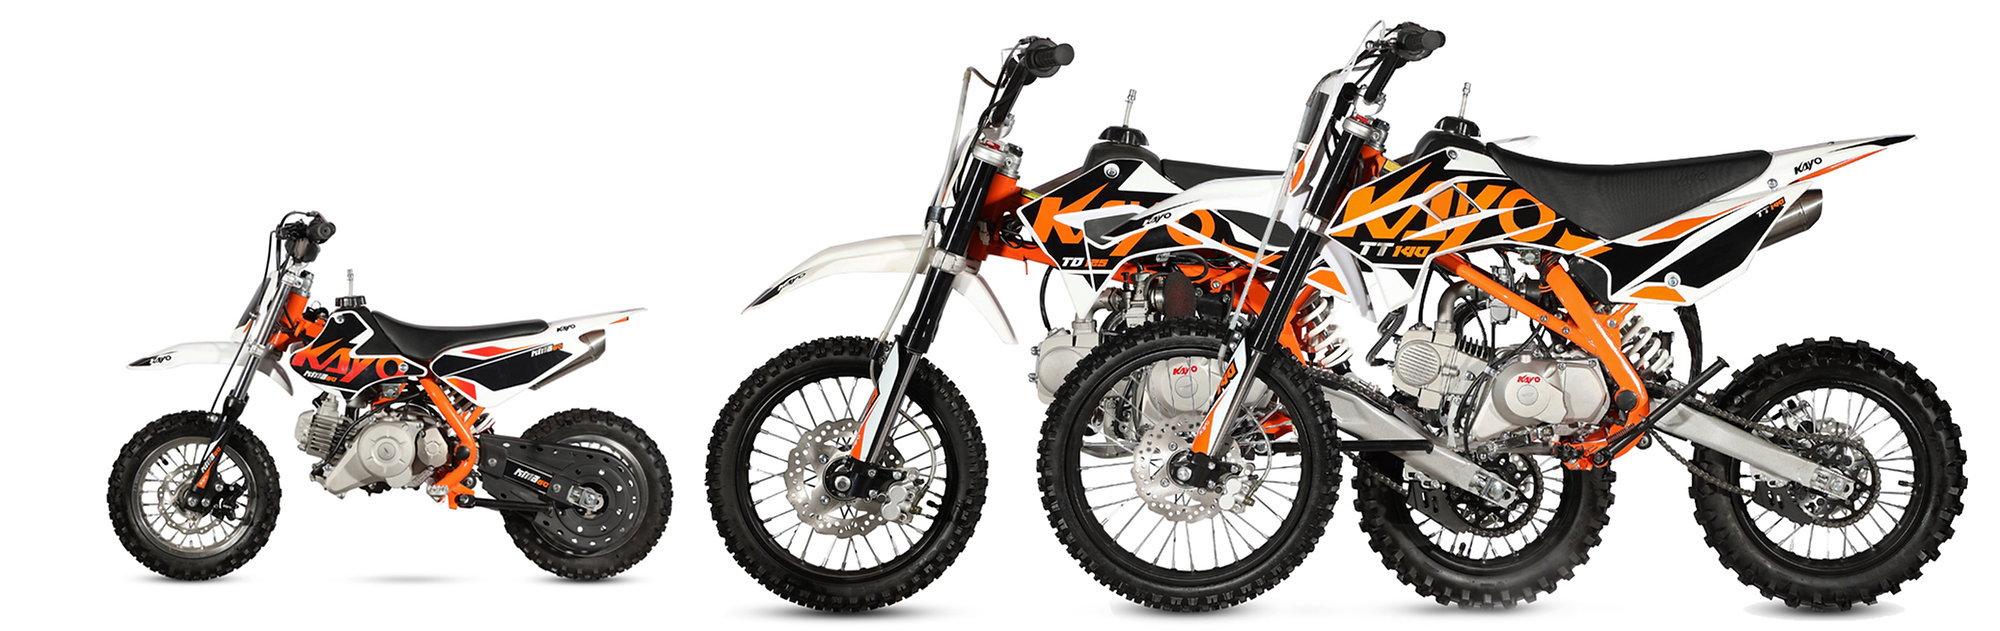 Large Pit bike image.jpg